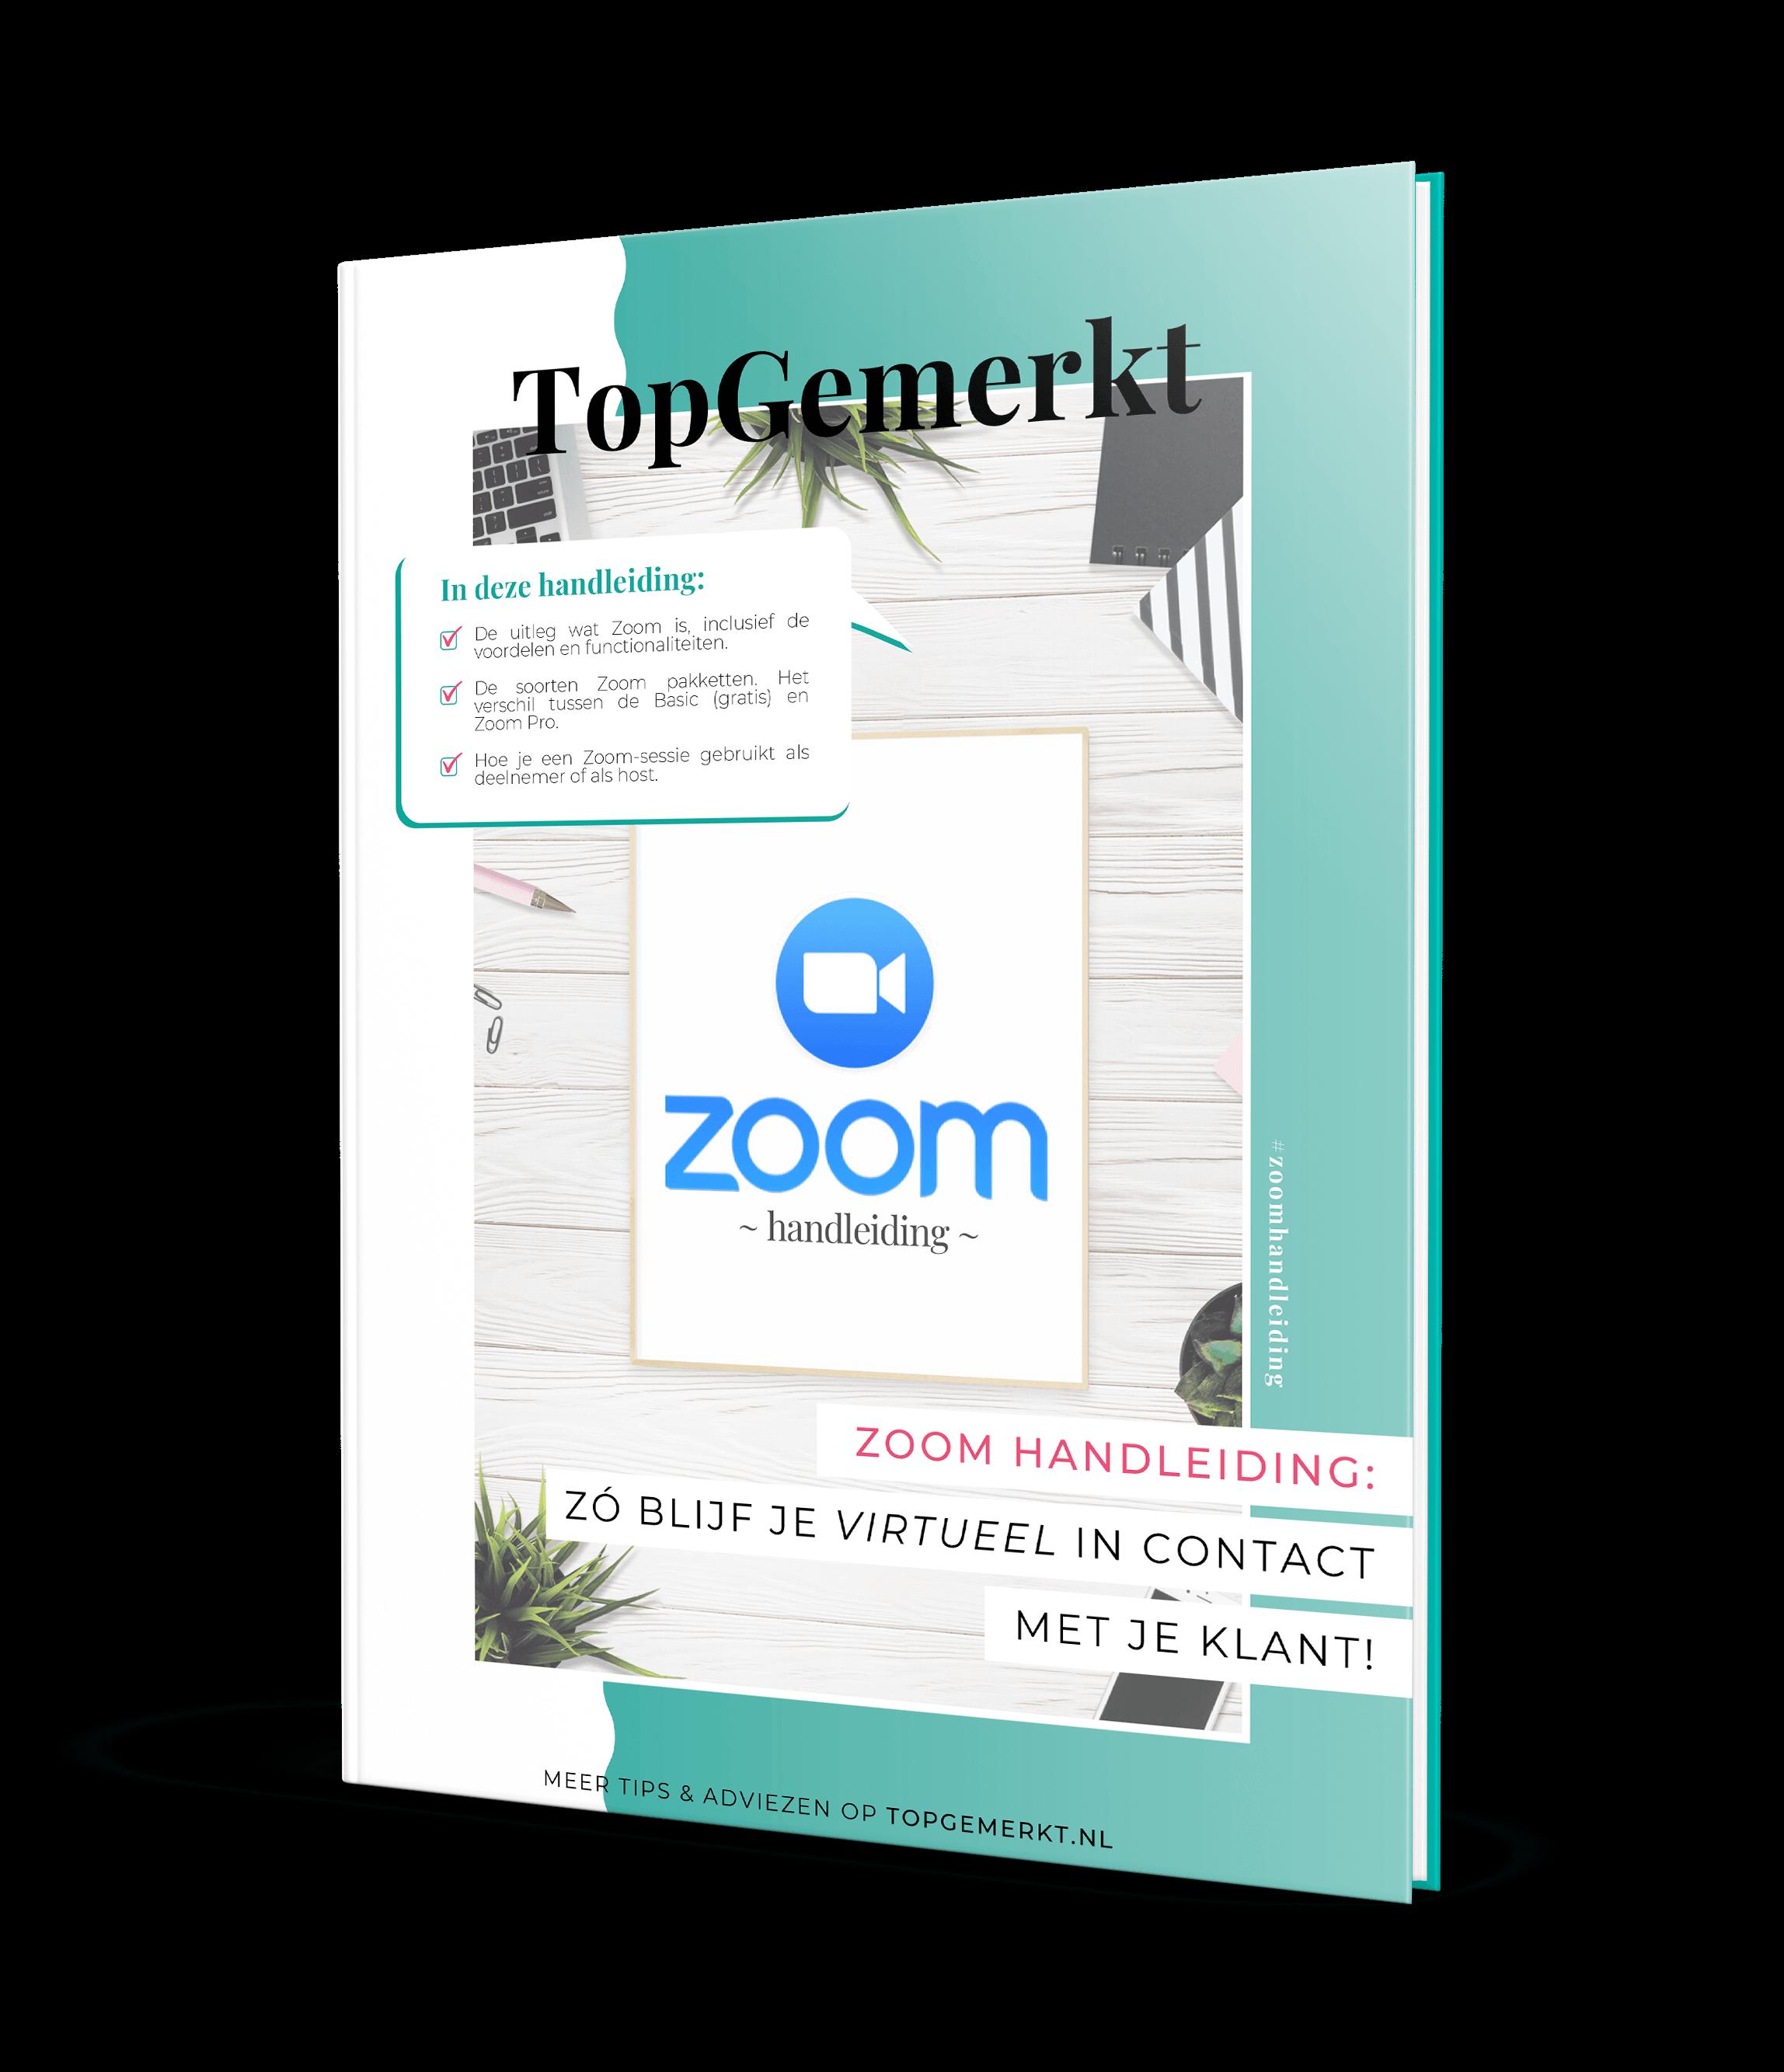 Zoom Handleiding - zó blijf je in contact met je klant (vk) - TopGemerkt